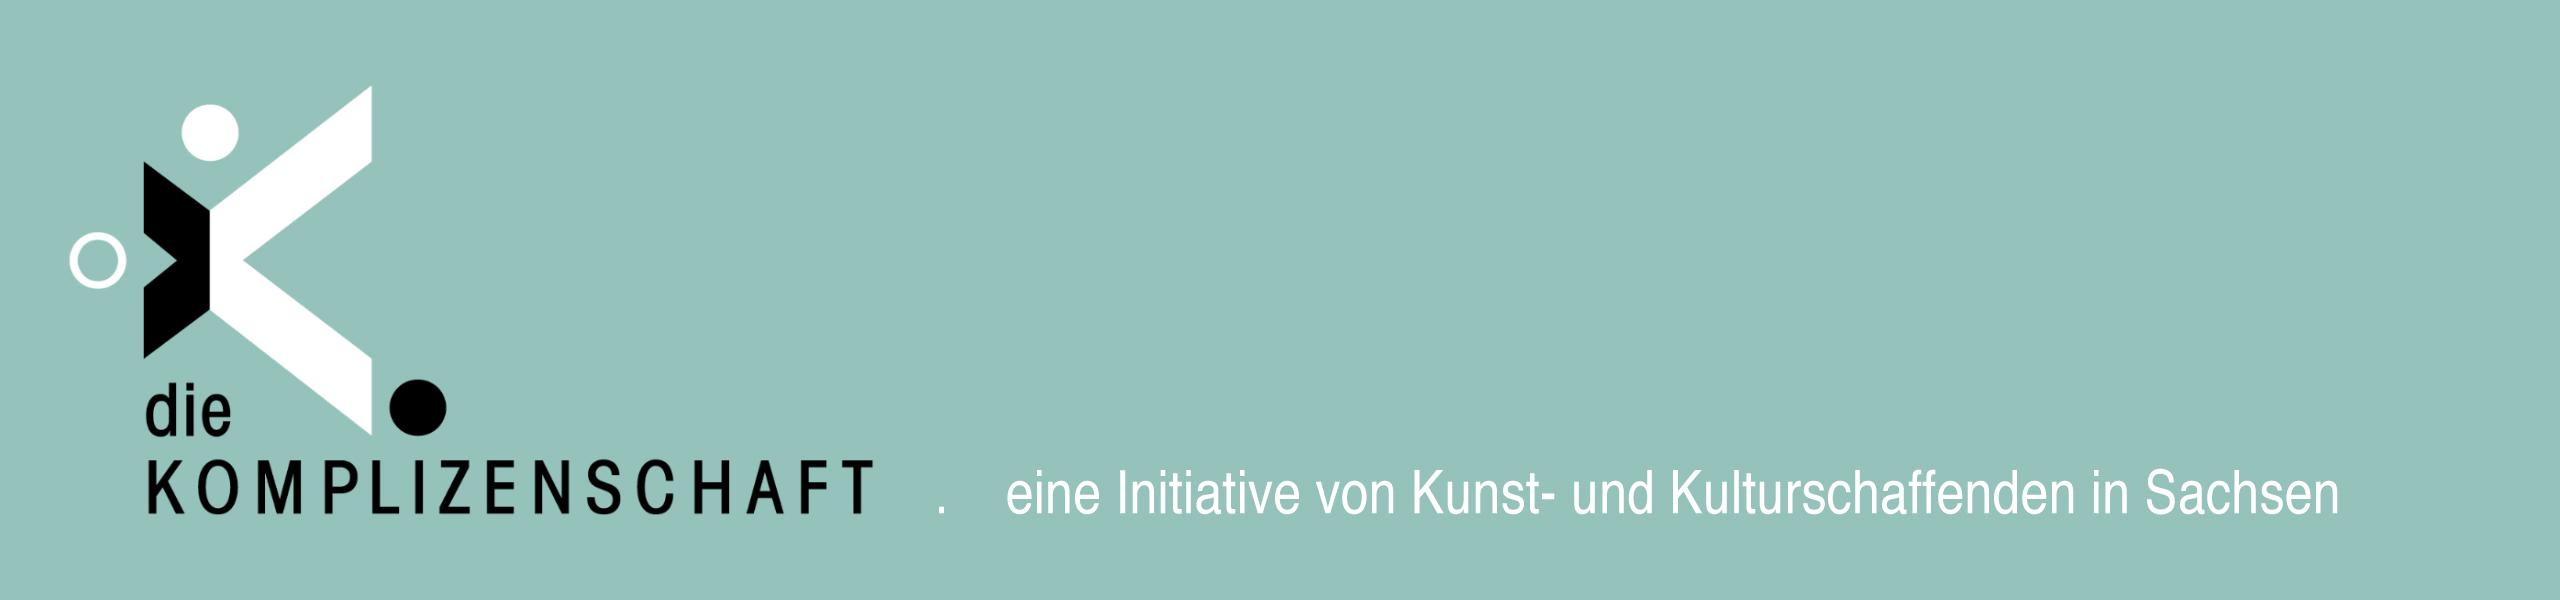 die KOMPLIZENSCHAFT – eine Initiative von Kunst- und Kulturschaffenden in Sachsen